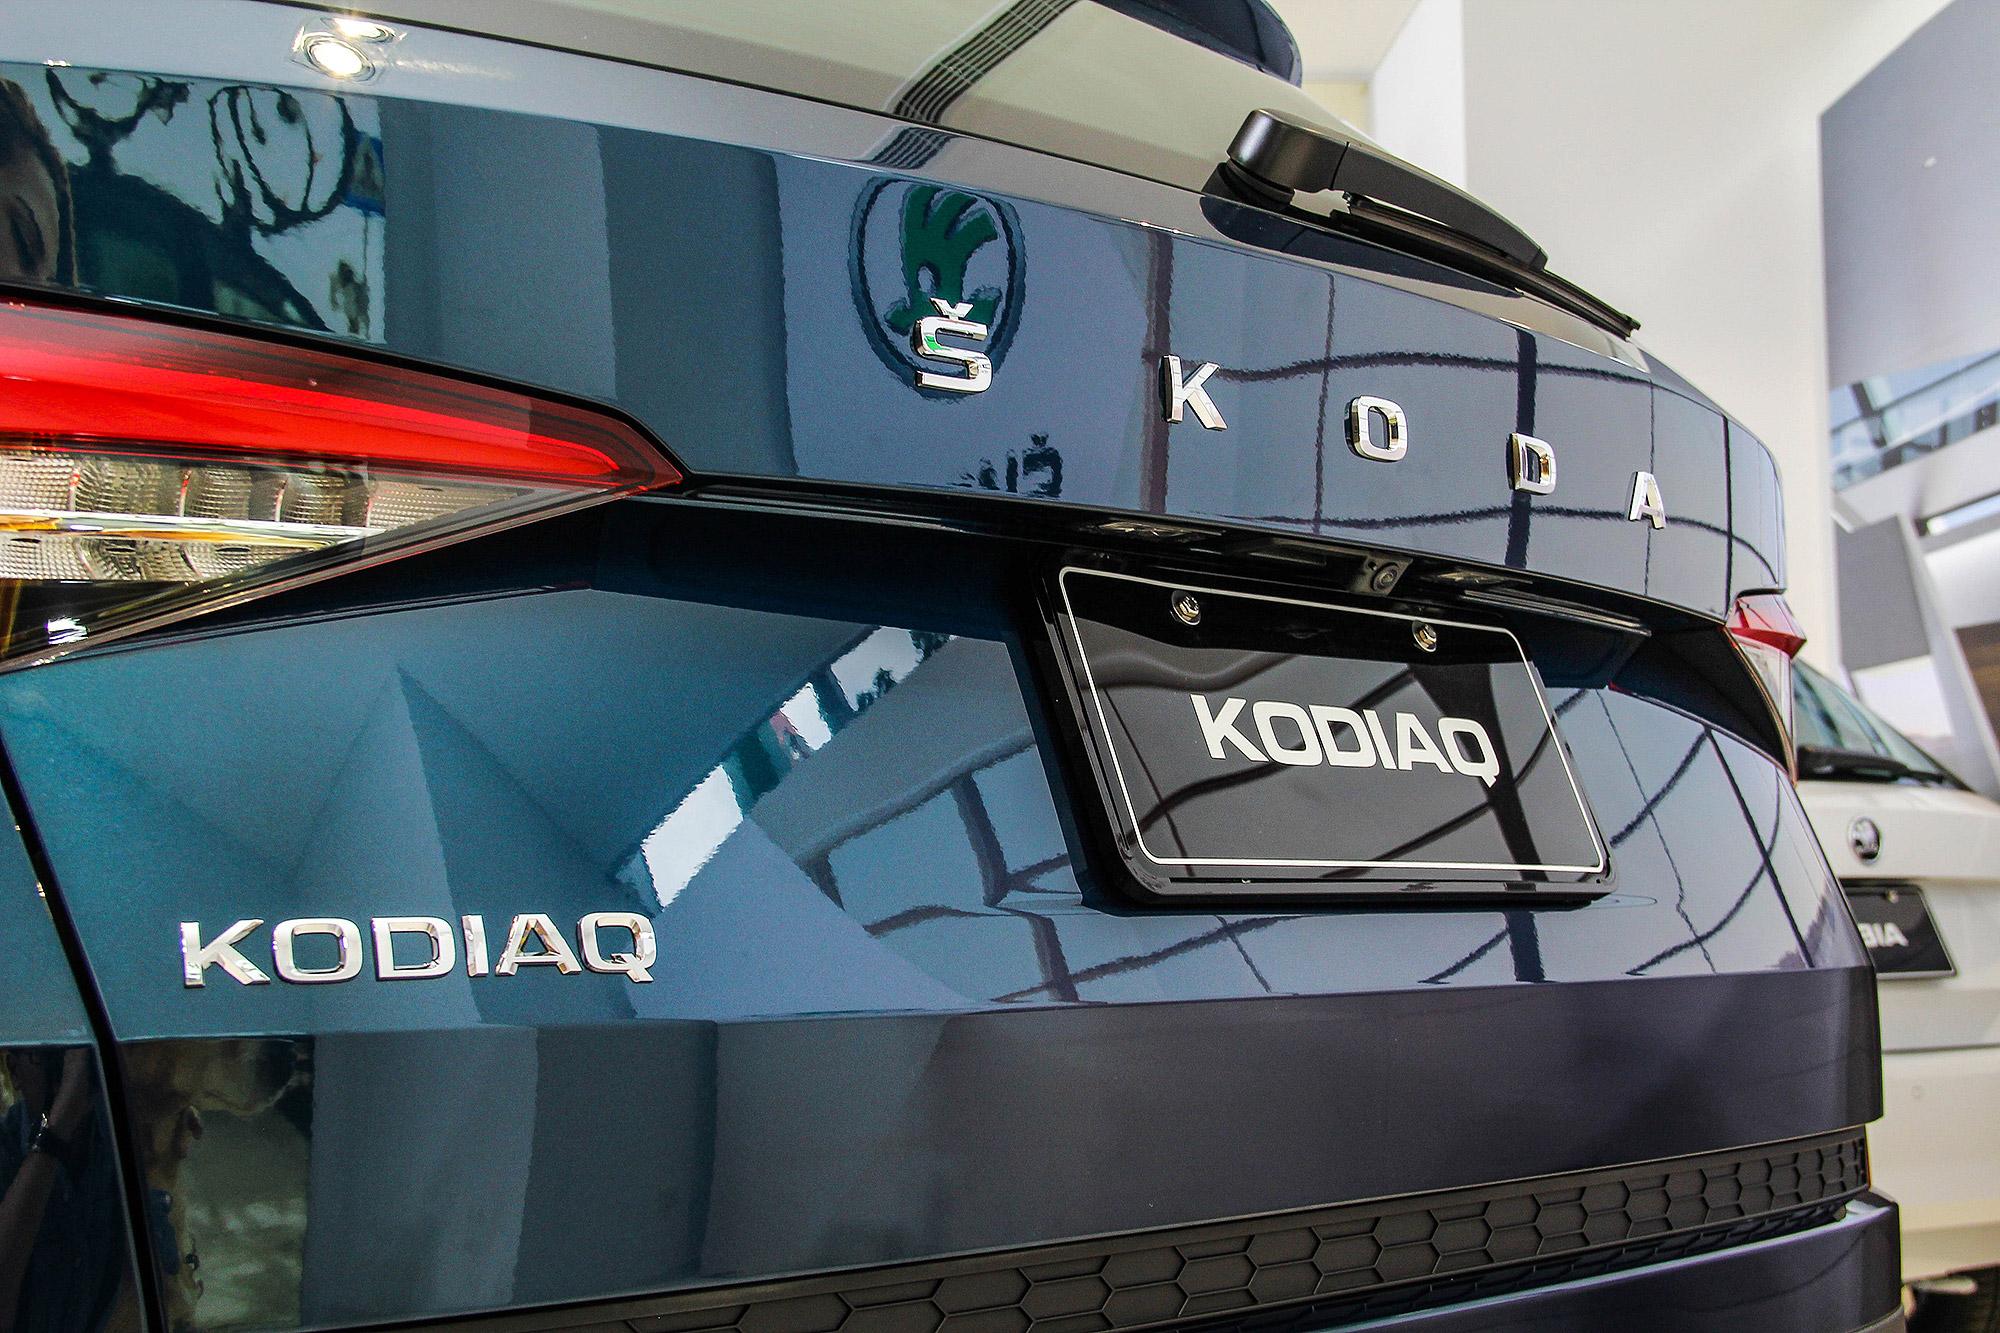 車尾改用品牌字樣作為識別。